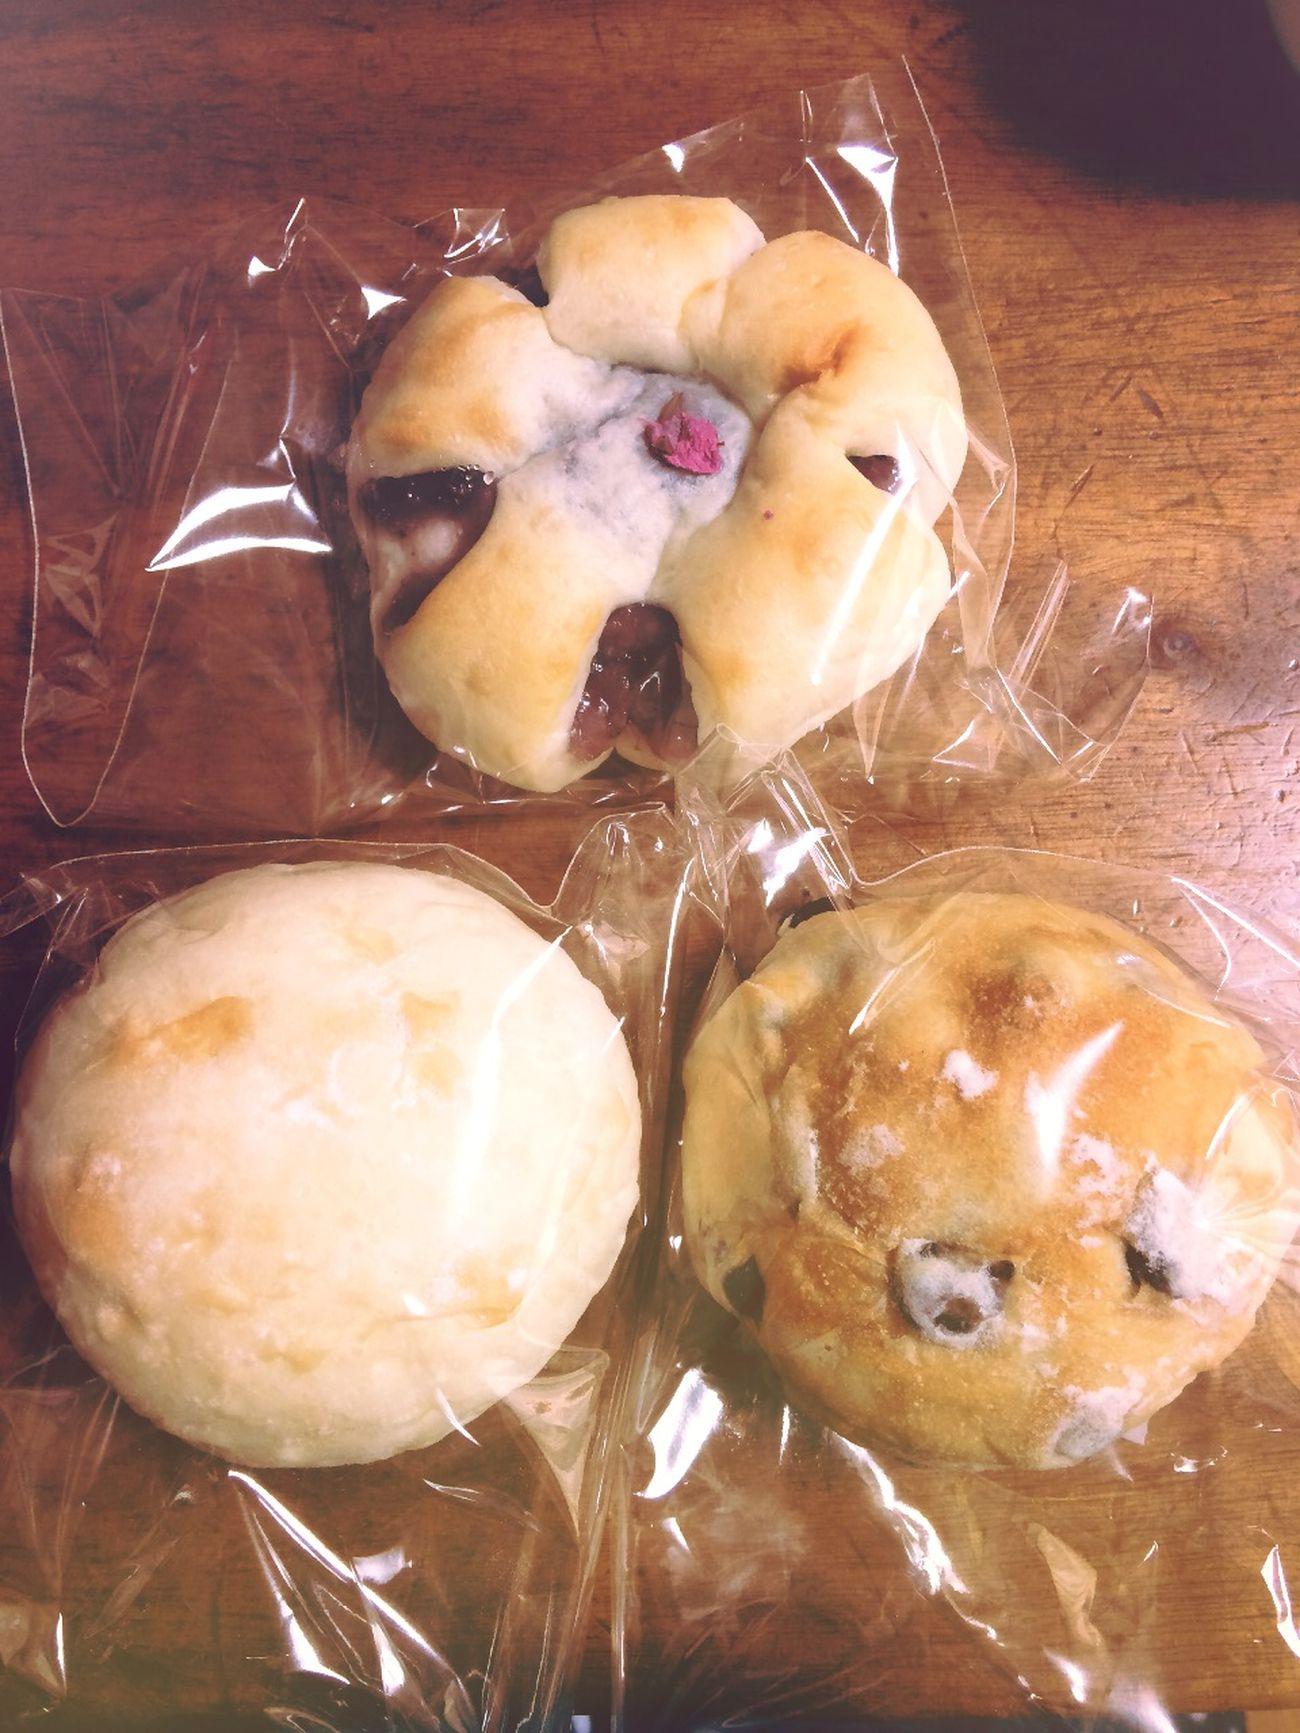 濱田屋 ecute品川の豆パン、桜あんぱん、満月。豆パンは結構しょっぱめ、お茶に合う!逆に桜あんぱんは予想に反してしょっぱくなく優しい甘さ。満月はシンプルな白パン。不思議と飽きない味。ごちそう様です(´ᆺ`)